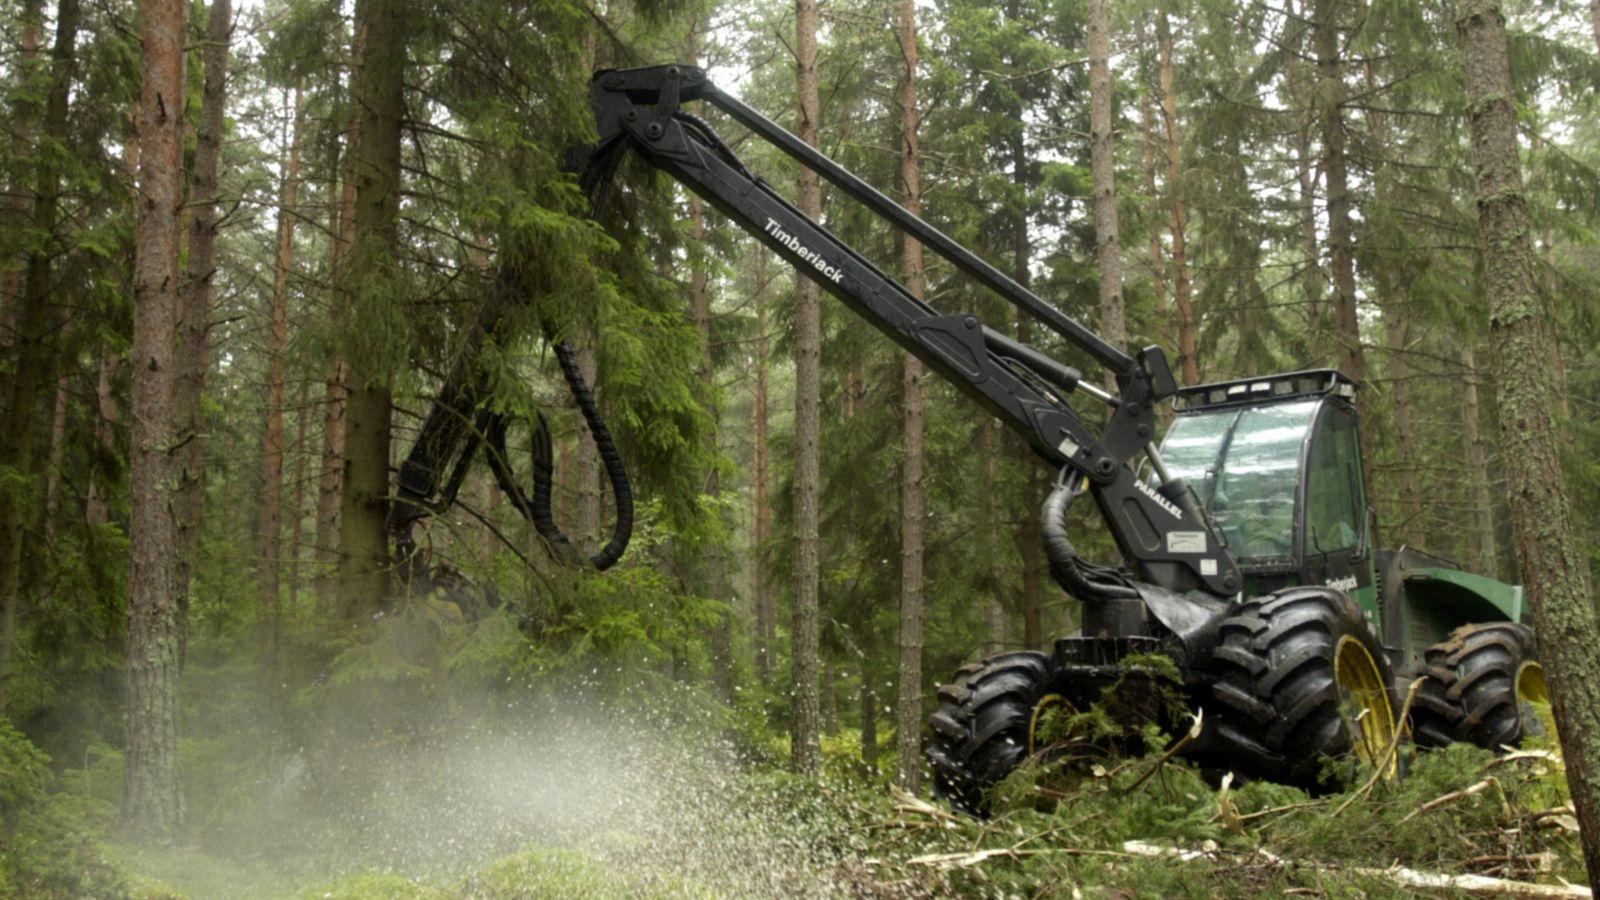 Verdens regnskove fældes og afbrændes i et foruroligende tempo. Læs mere om skovrydning og skovenes betydning for klimaet her.